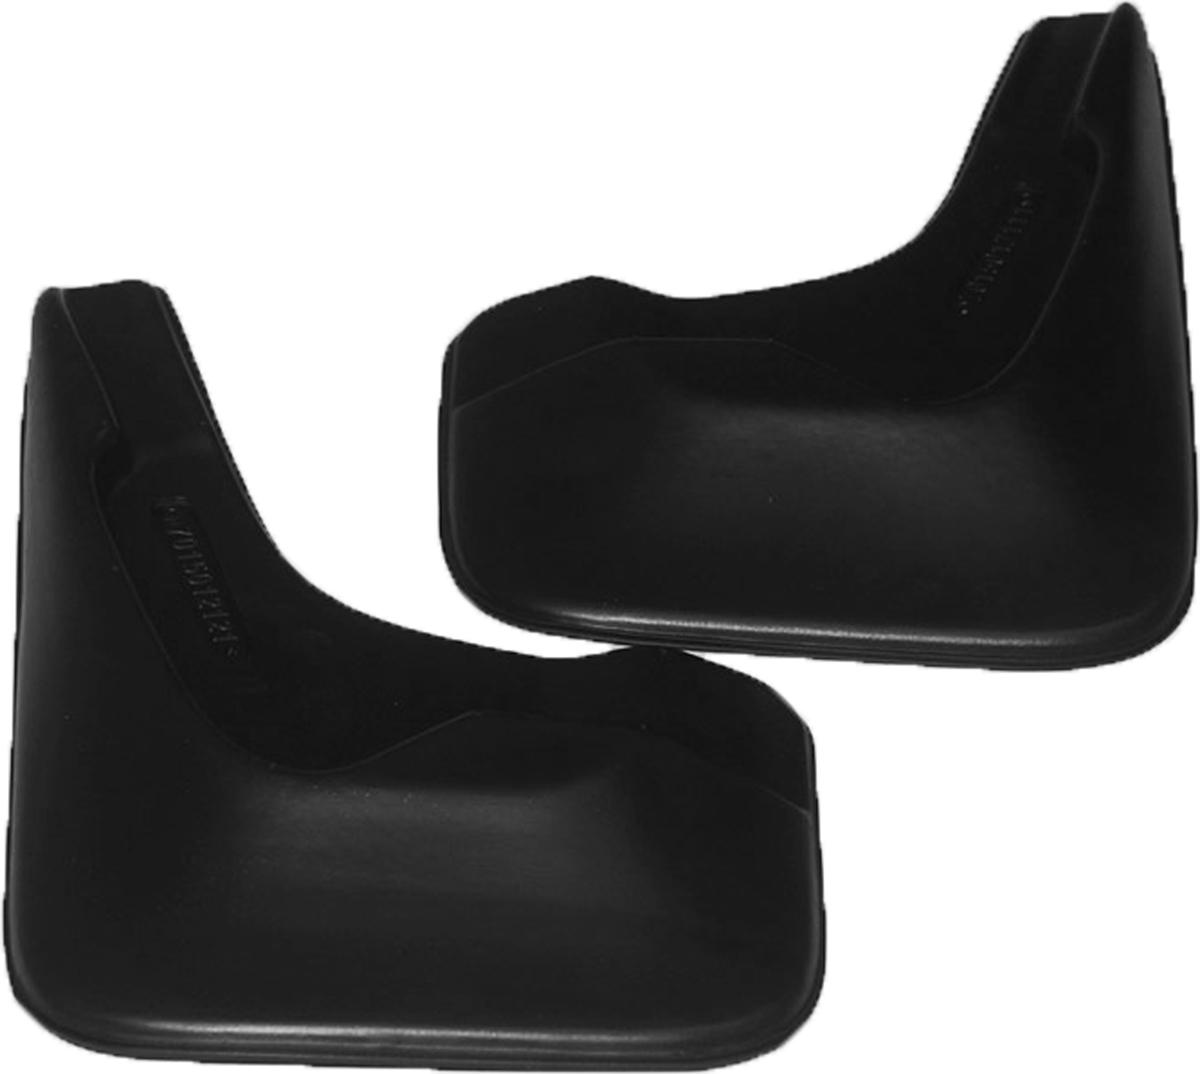 Комплект брызговиков передних L.Locker, для Fiat Albea, 2 штIR-F1-WБрызговики L.Locker изготовлены из высококачественного полимера. Уникальный состав брызговиков допускает их эксплуатацию в широком диапазоне температур: от -50°С до +80°С. Эффективно защищают кузов автомобиля от грязи и воды - формируют аэродинамический поток воздуха, создаваемый при движении вокруг кузова таким образом, чтобы максимально уменьшить образование грязевой измороси, оседающей на автомобиле. Разработаны индивидуально для каждой модели автомобиля, с эстетической точки зрения брызговики являются завершением колесной арки.